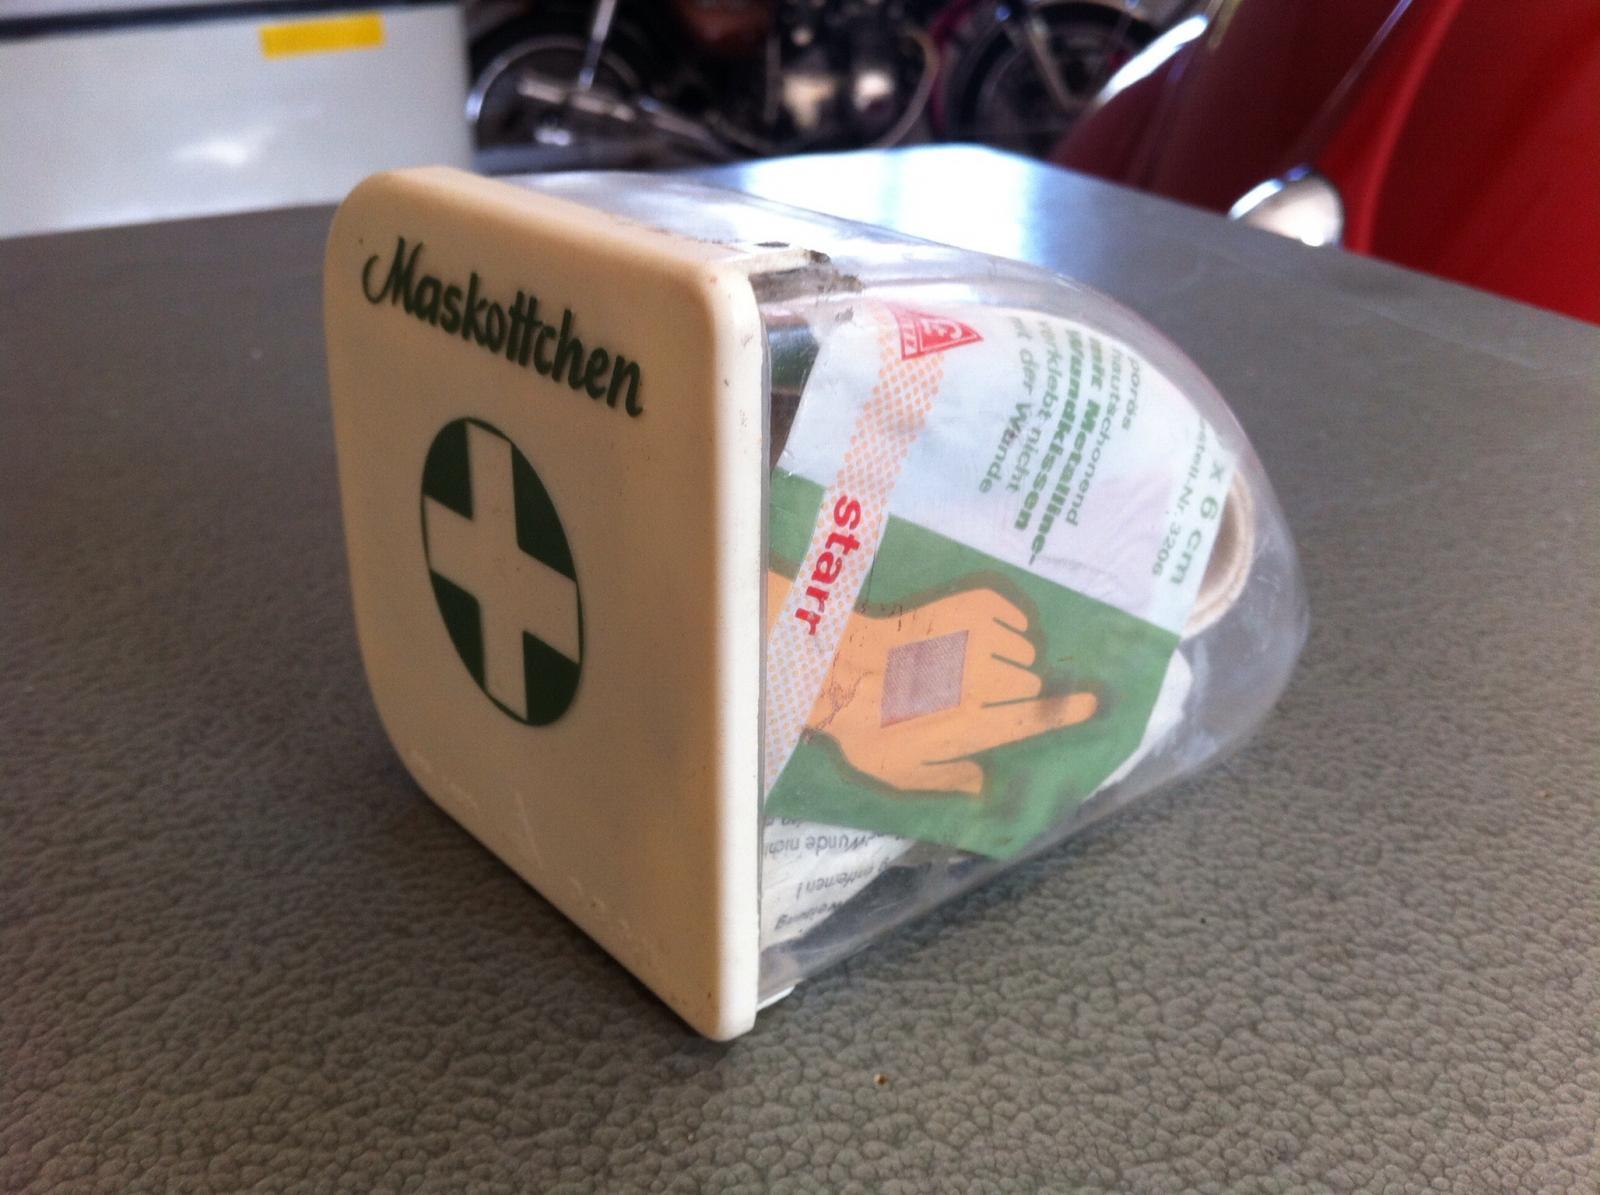 Maskottchen first aid kit